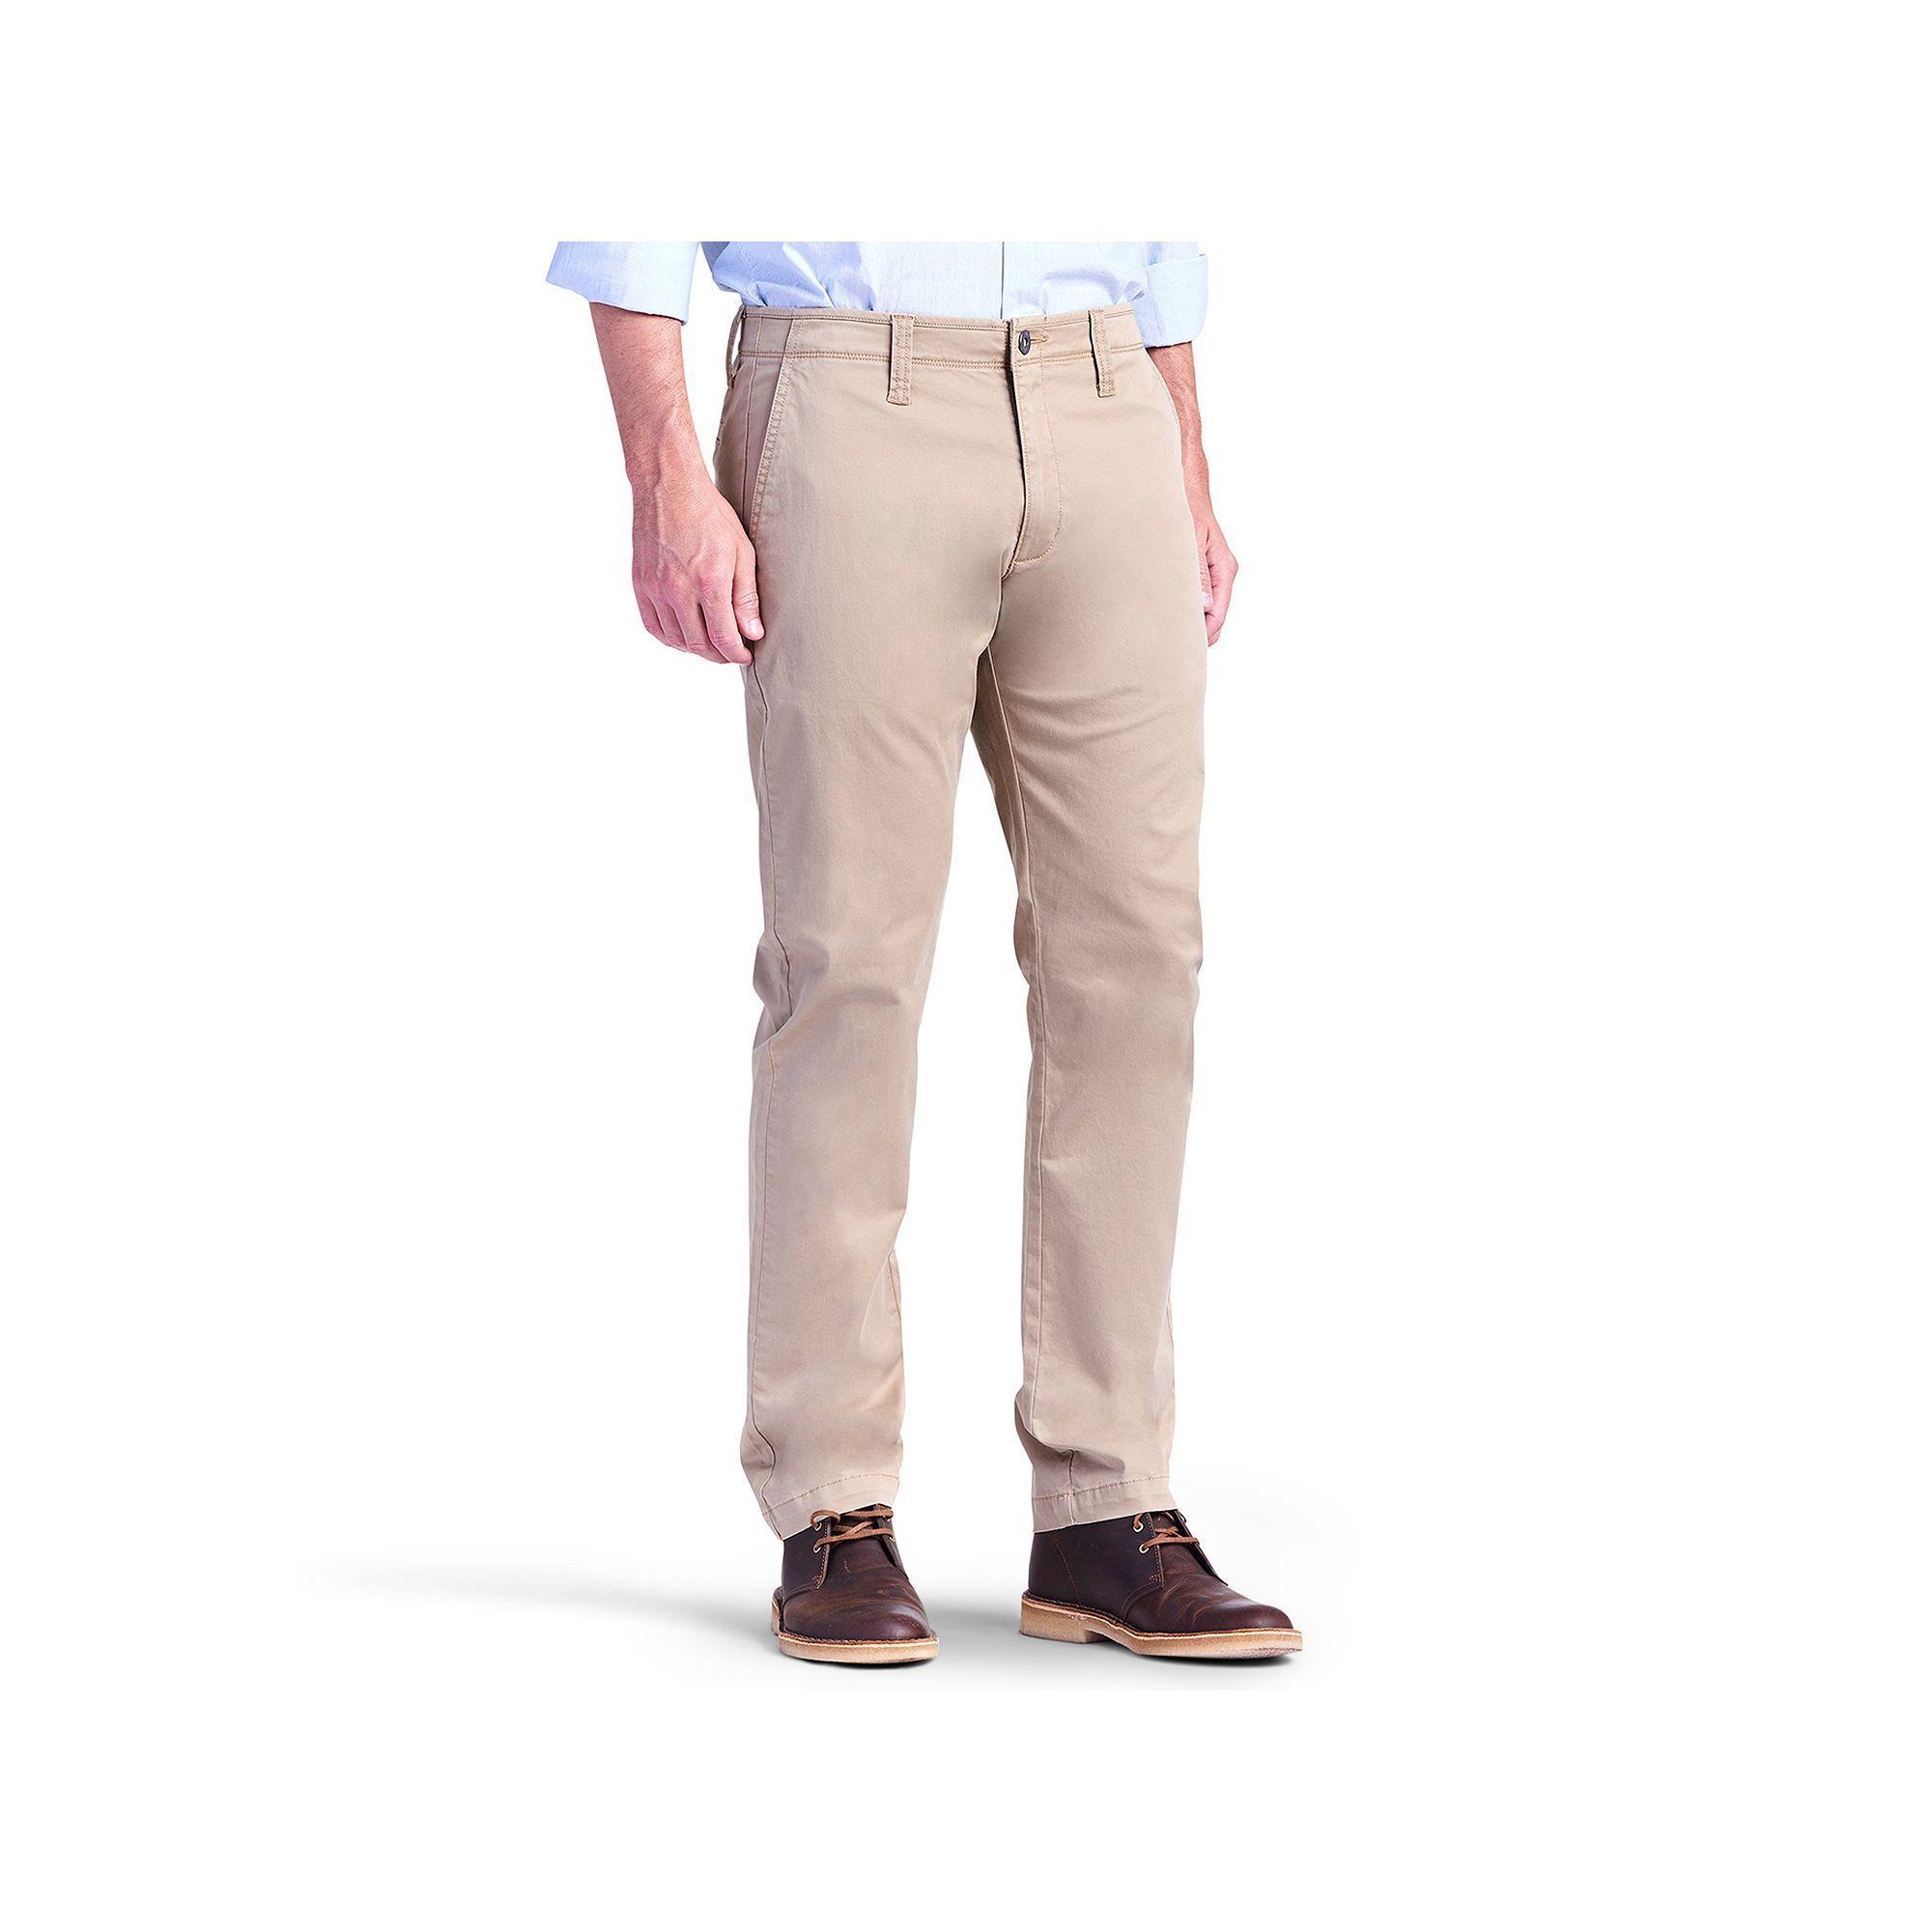 Men's Lee Modern Series Chino Slim-Fit Pants, Size: 30X30, Dark Brown